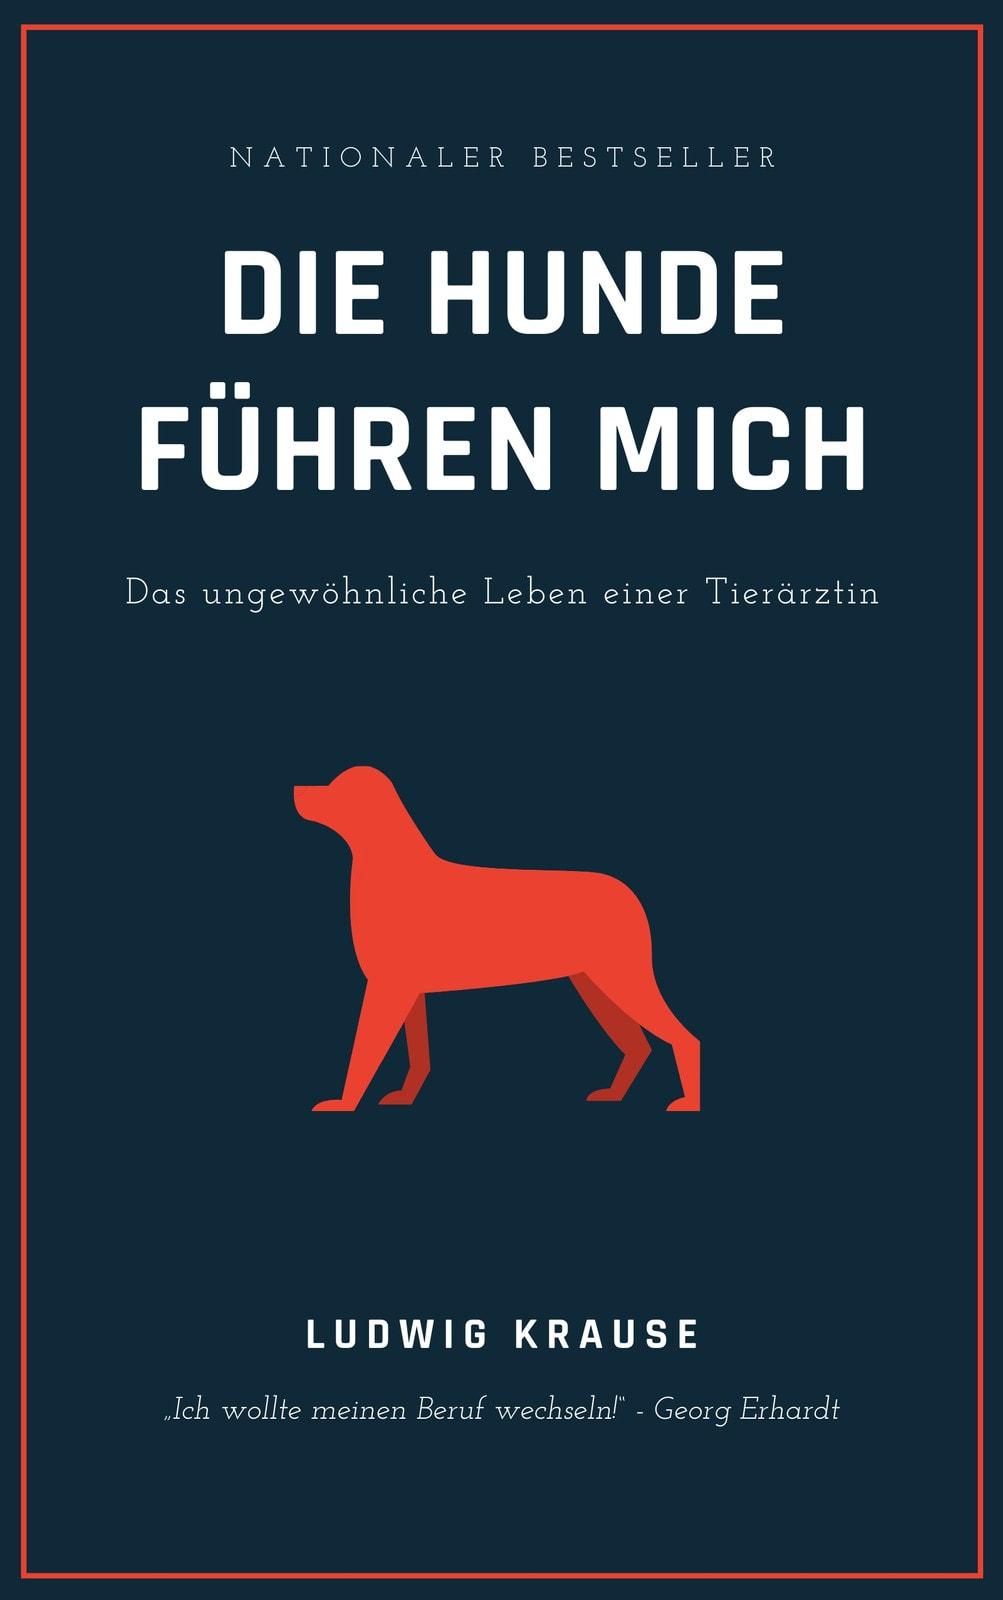 Blau und Orange Hund Autobiografie Buch Einband